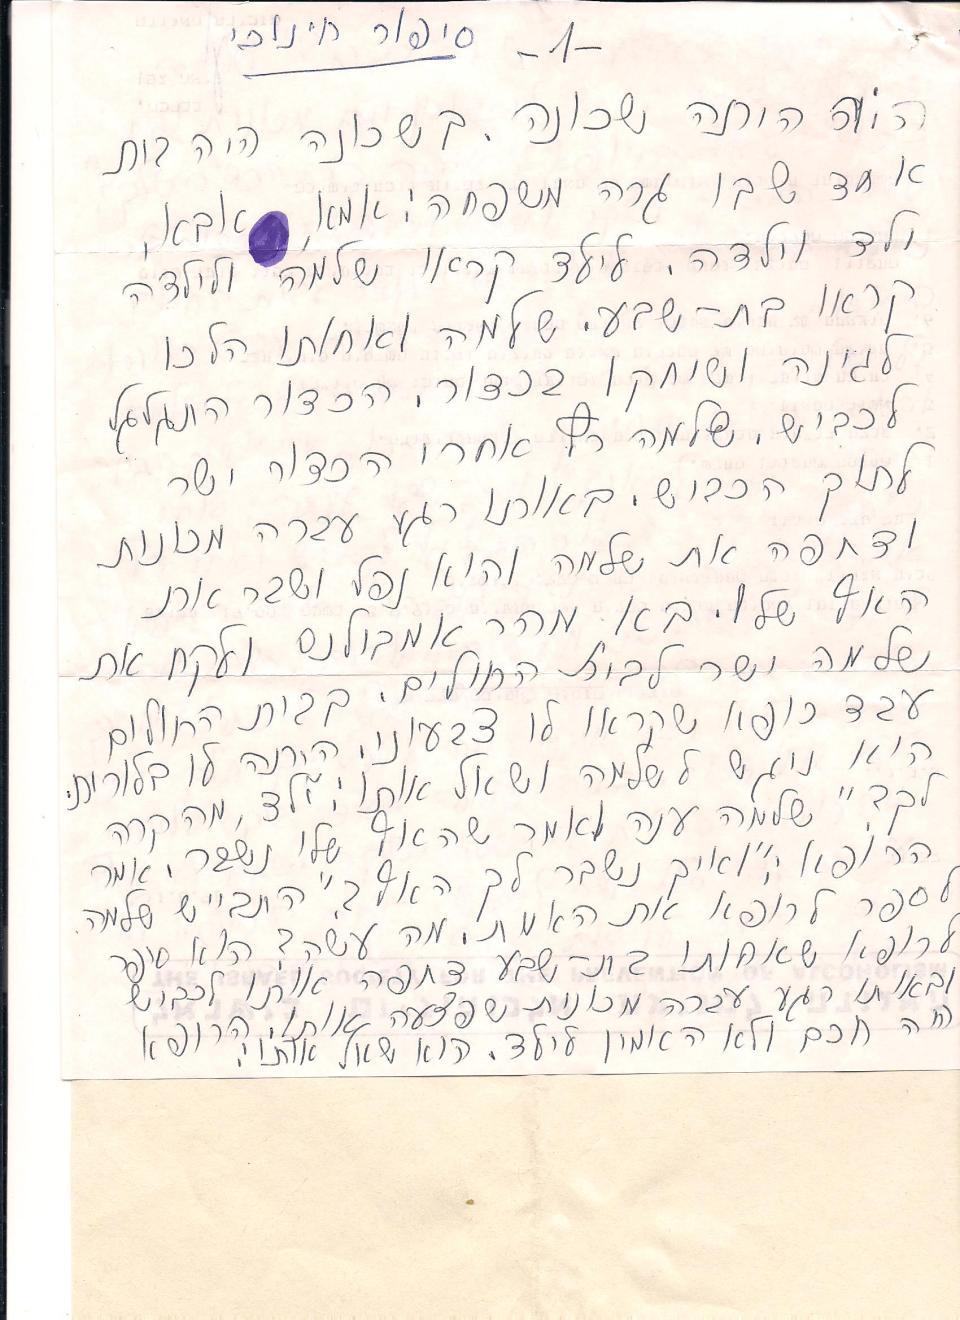 סיפור שסבתא כתבה - לאתר 001 (1)